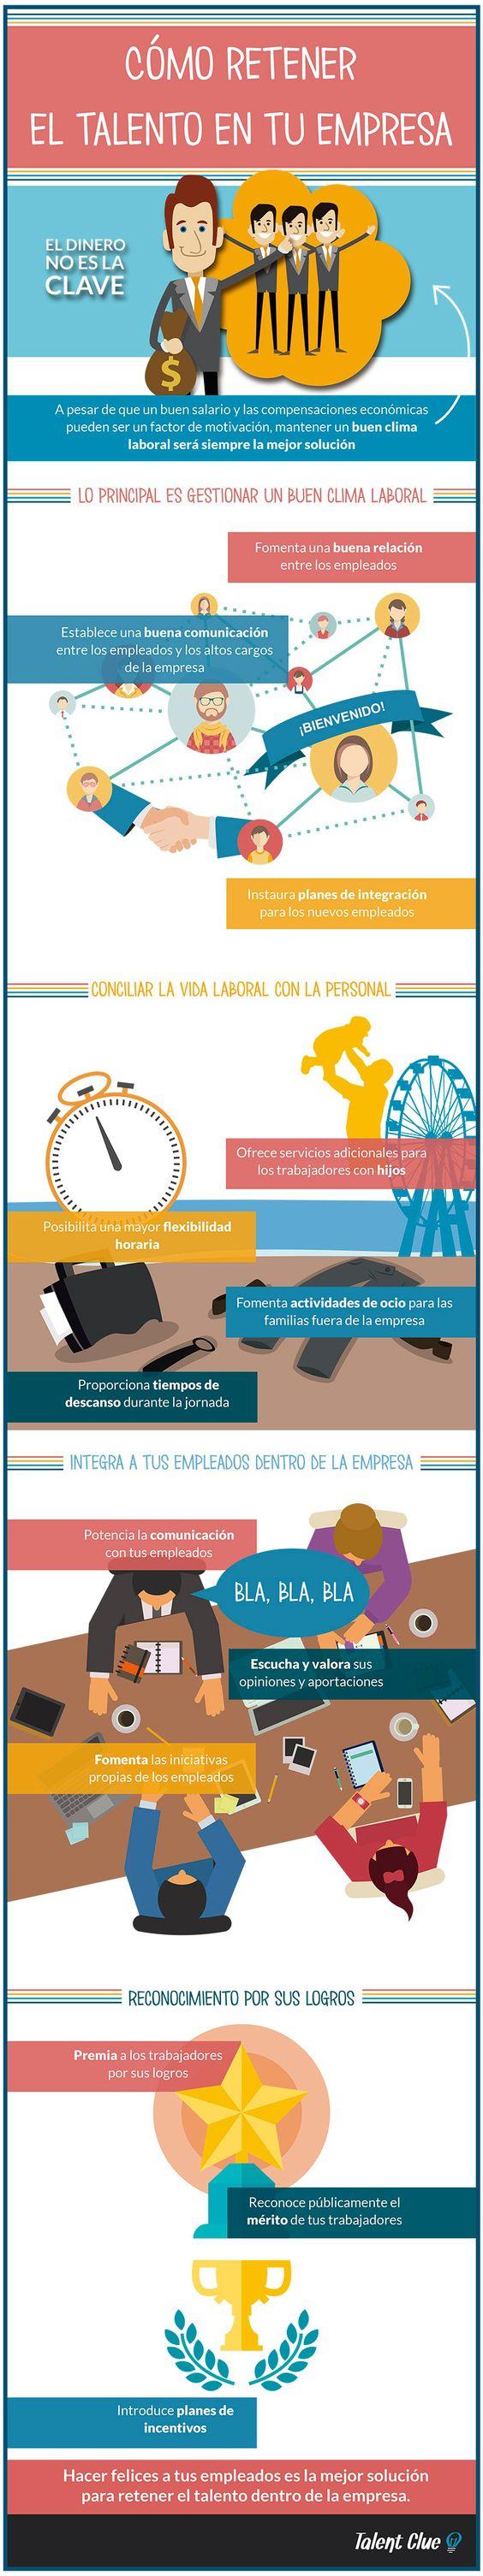 Cómo retener el talento de la empresa #infografia #infographic #rrhh Ideas Desarrollo Personal para www.masymejor.com: